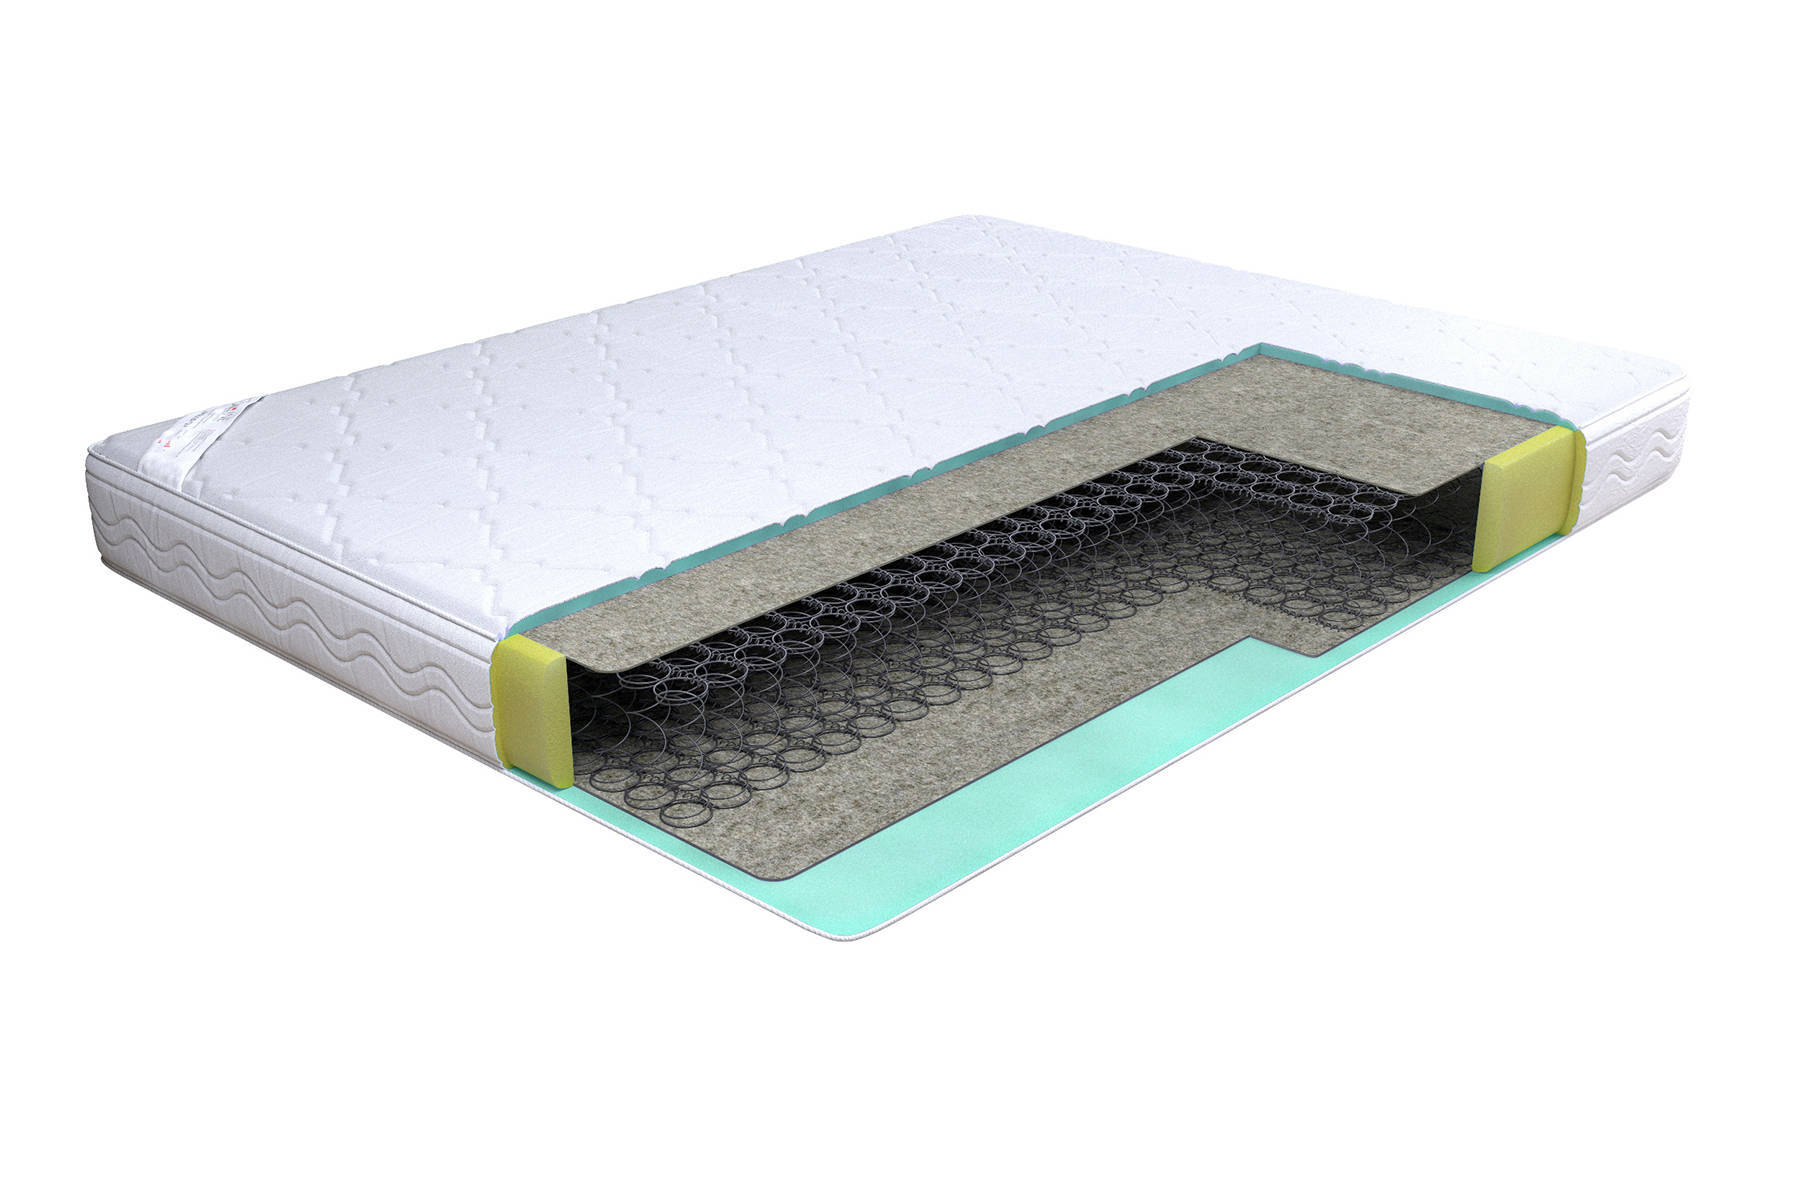 Матрас Престиж - Сказочный матрас односпальный столлайн матрас престиж орлеан 900x1900